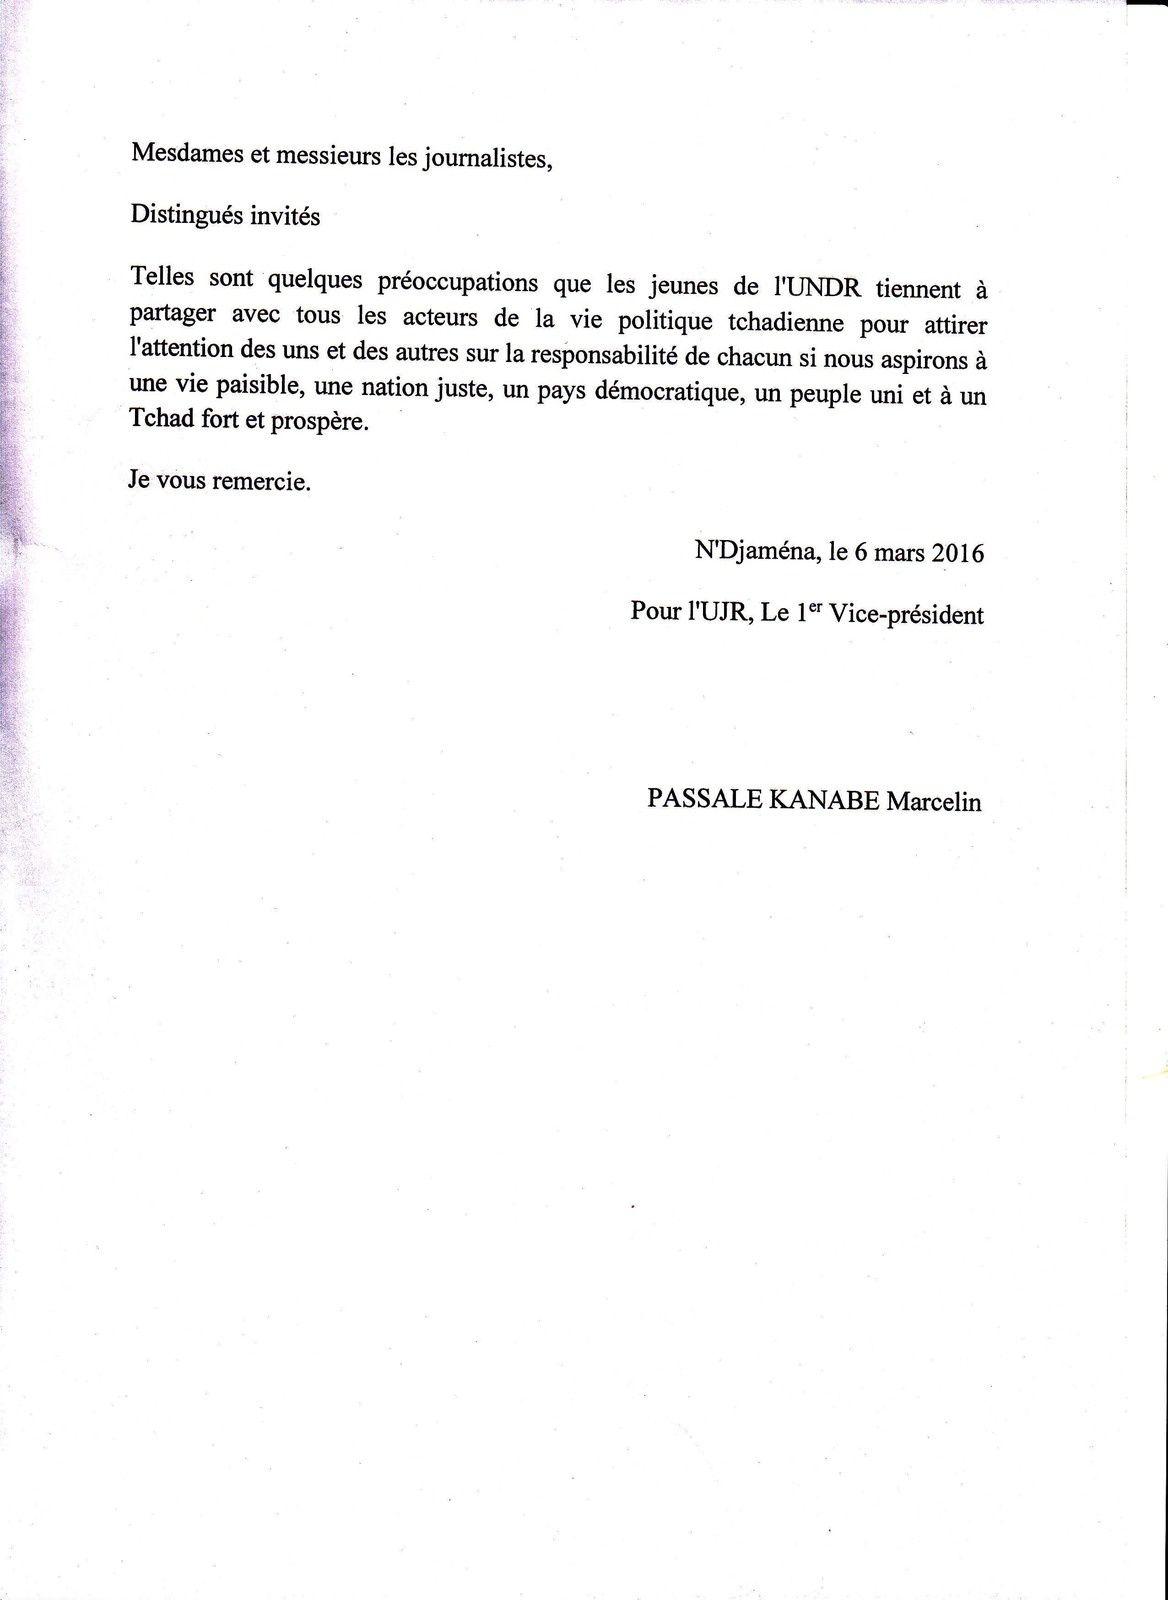 Affaire Mahamat Taher Korom: point de presse de l'UJR à Ndjaména